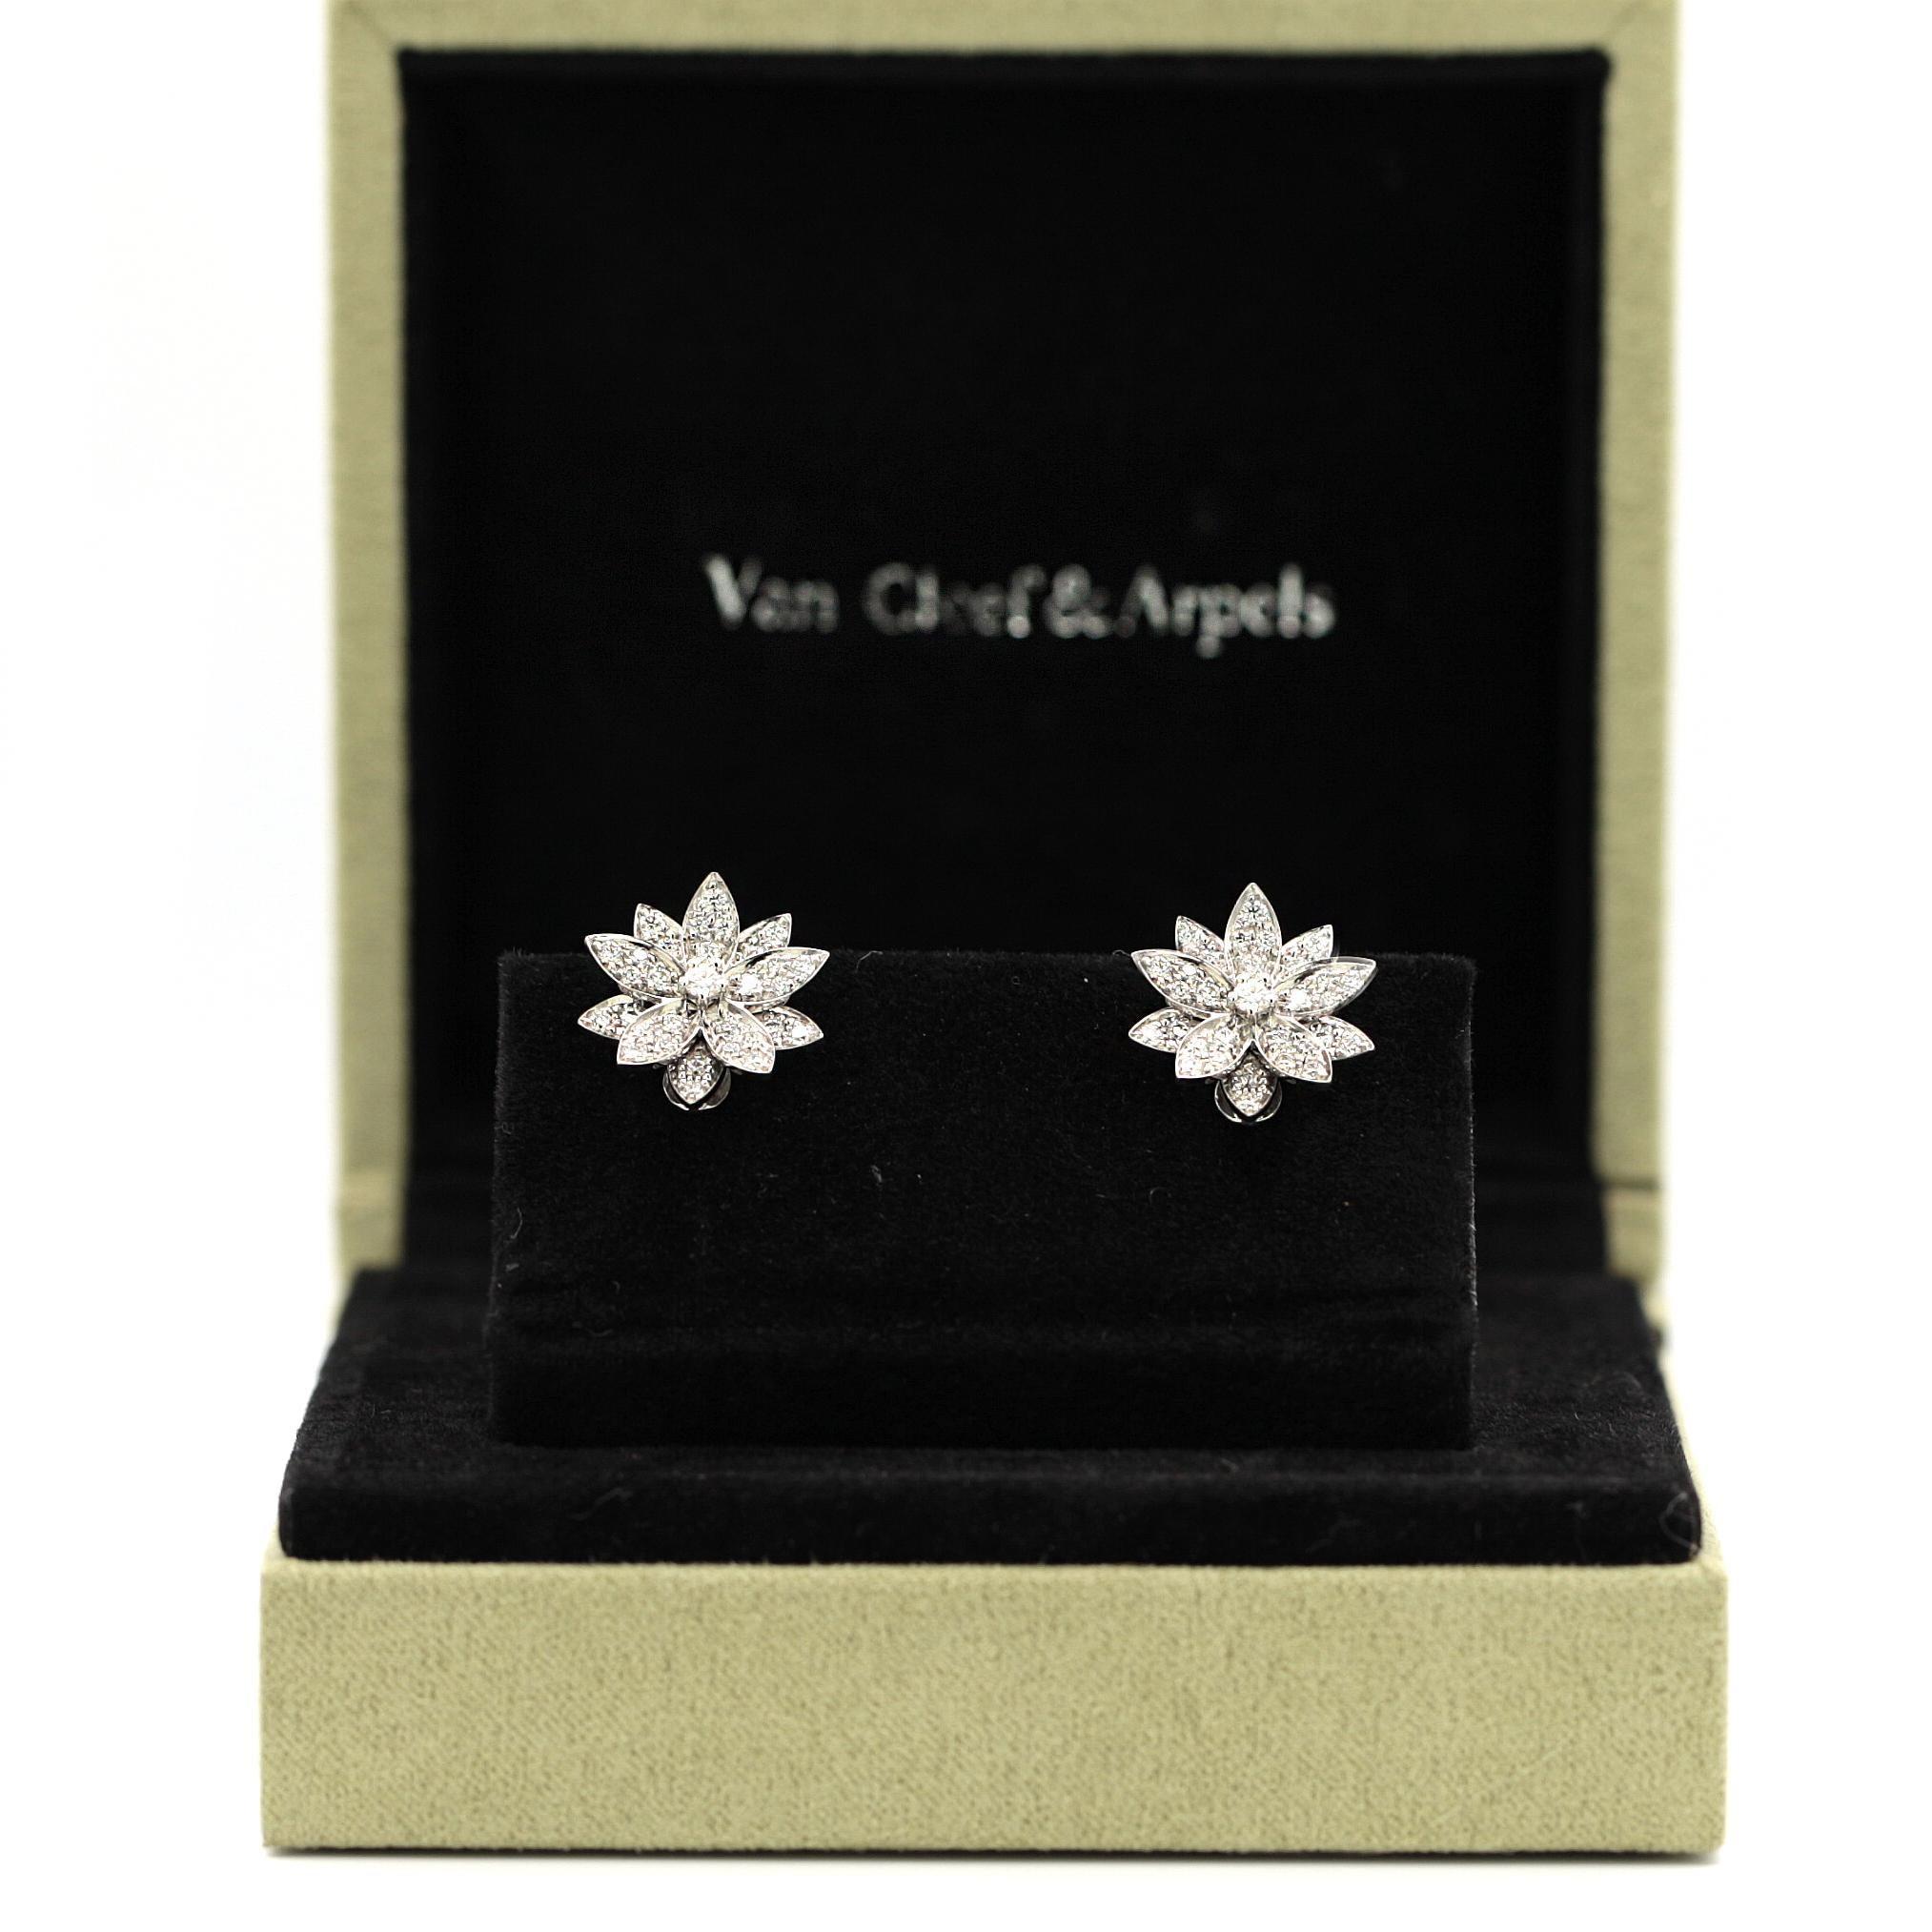 Van Cleef And Arpels Lotus Flower Stud 18 Karat White Gold Earrings